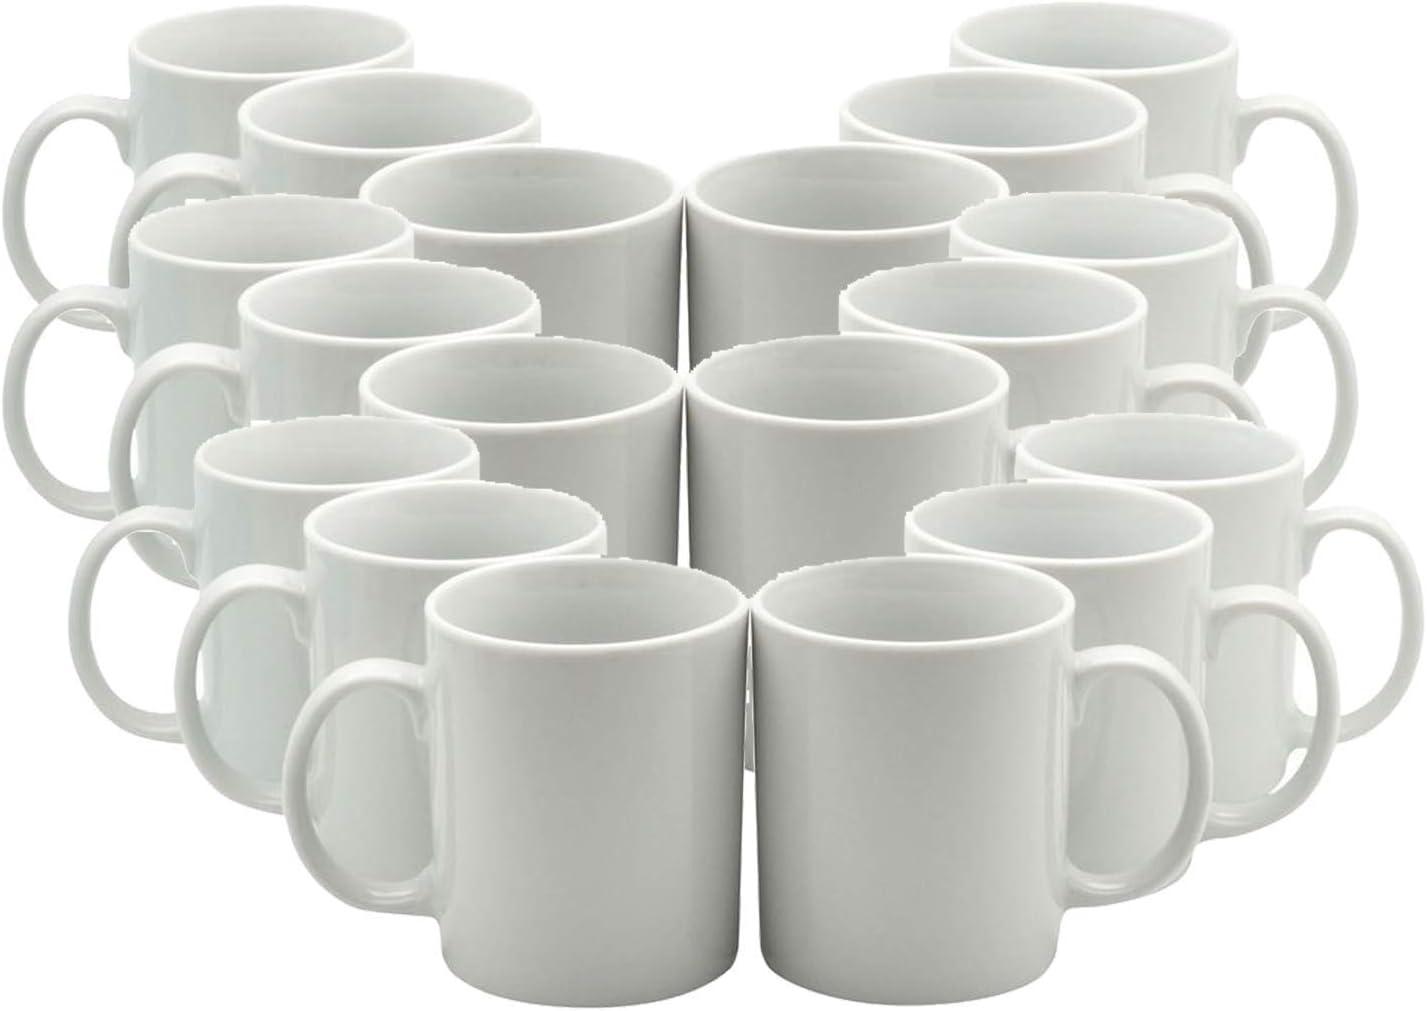 36 tazas de sublimación blancas, 325 ml, mango pequeño, con cajas de regalo gratis.: Amazon.es: Hogar